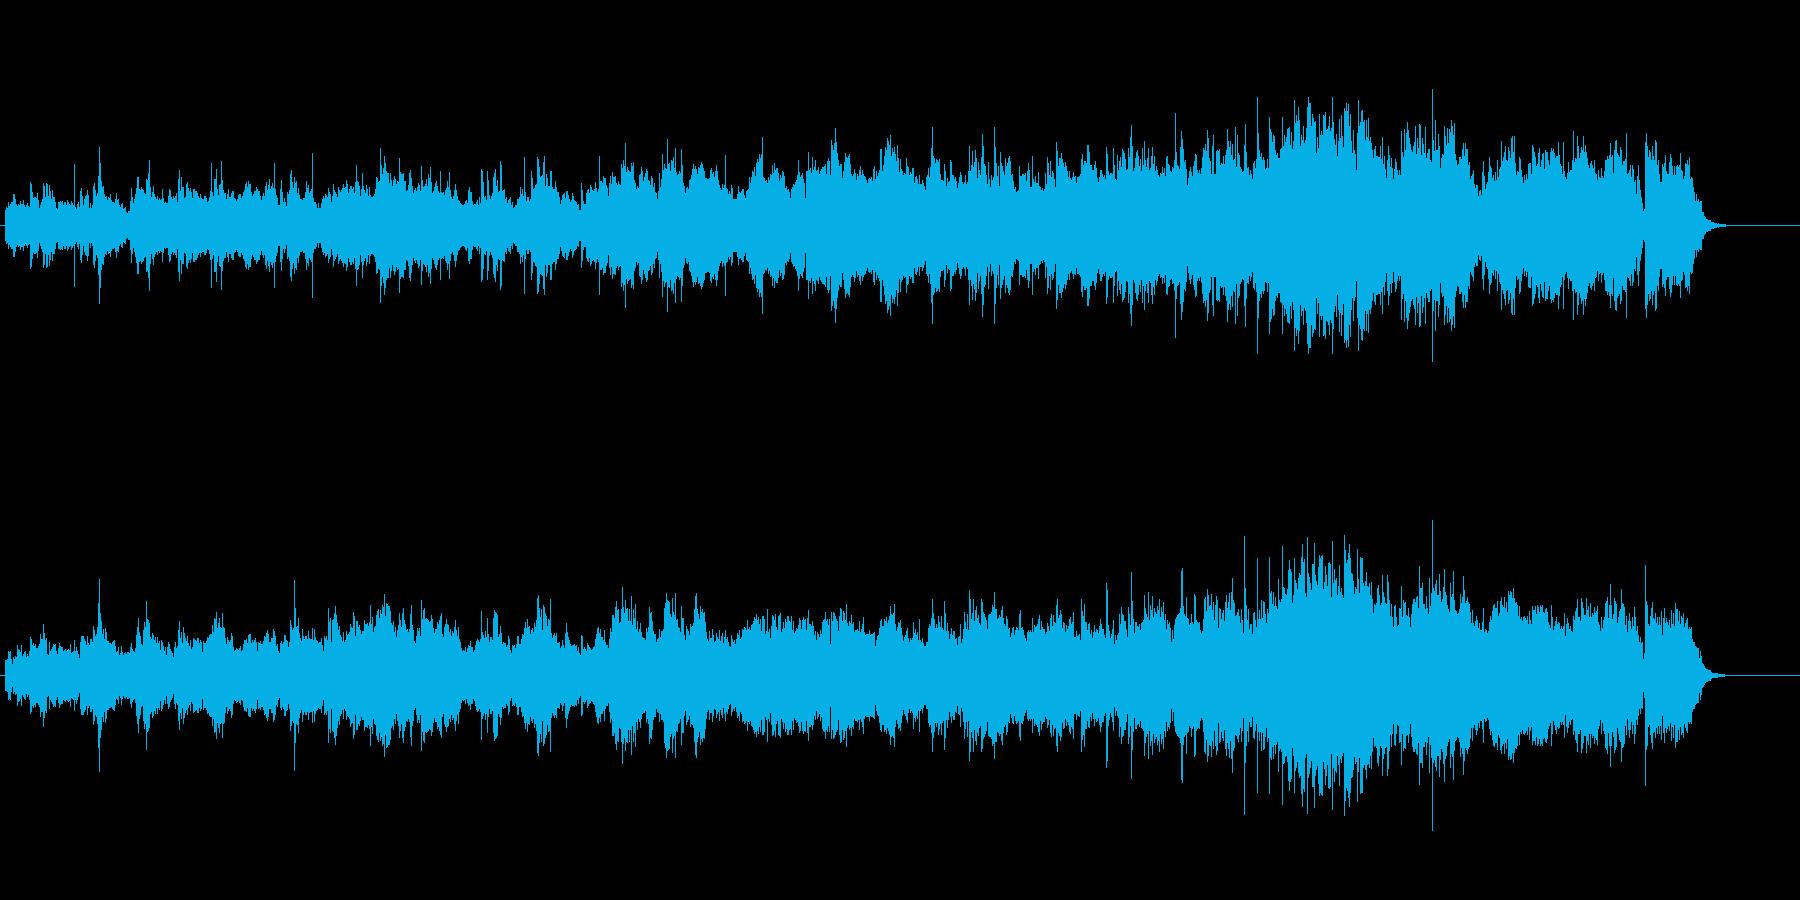 シリアス&ブルーなニュー・エイジ/ジャズの再生済みの波形